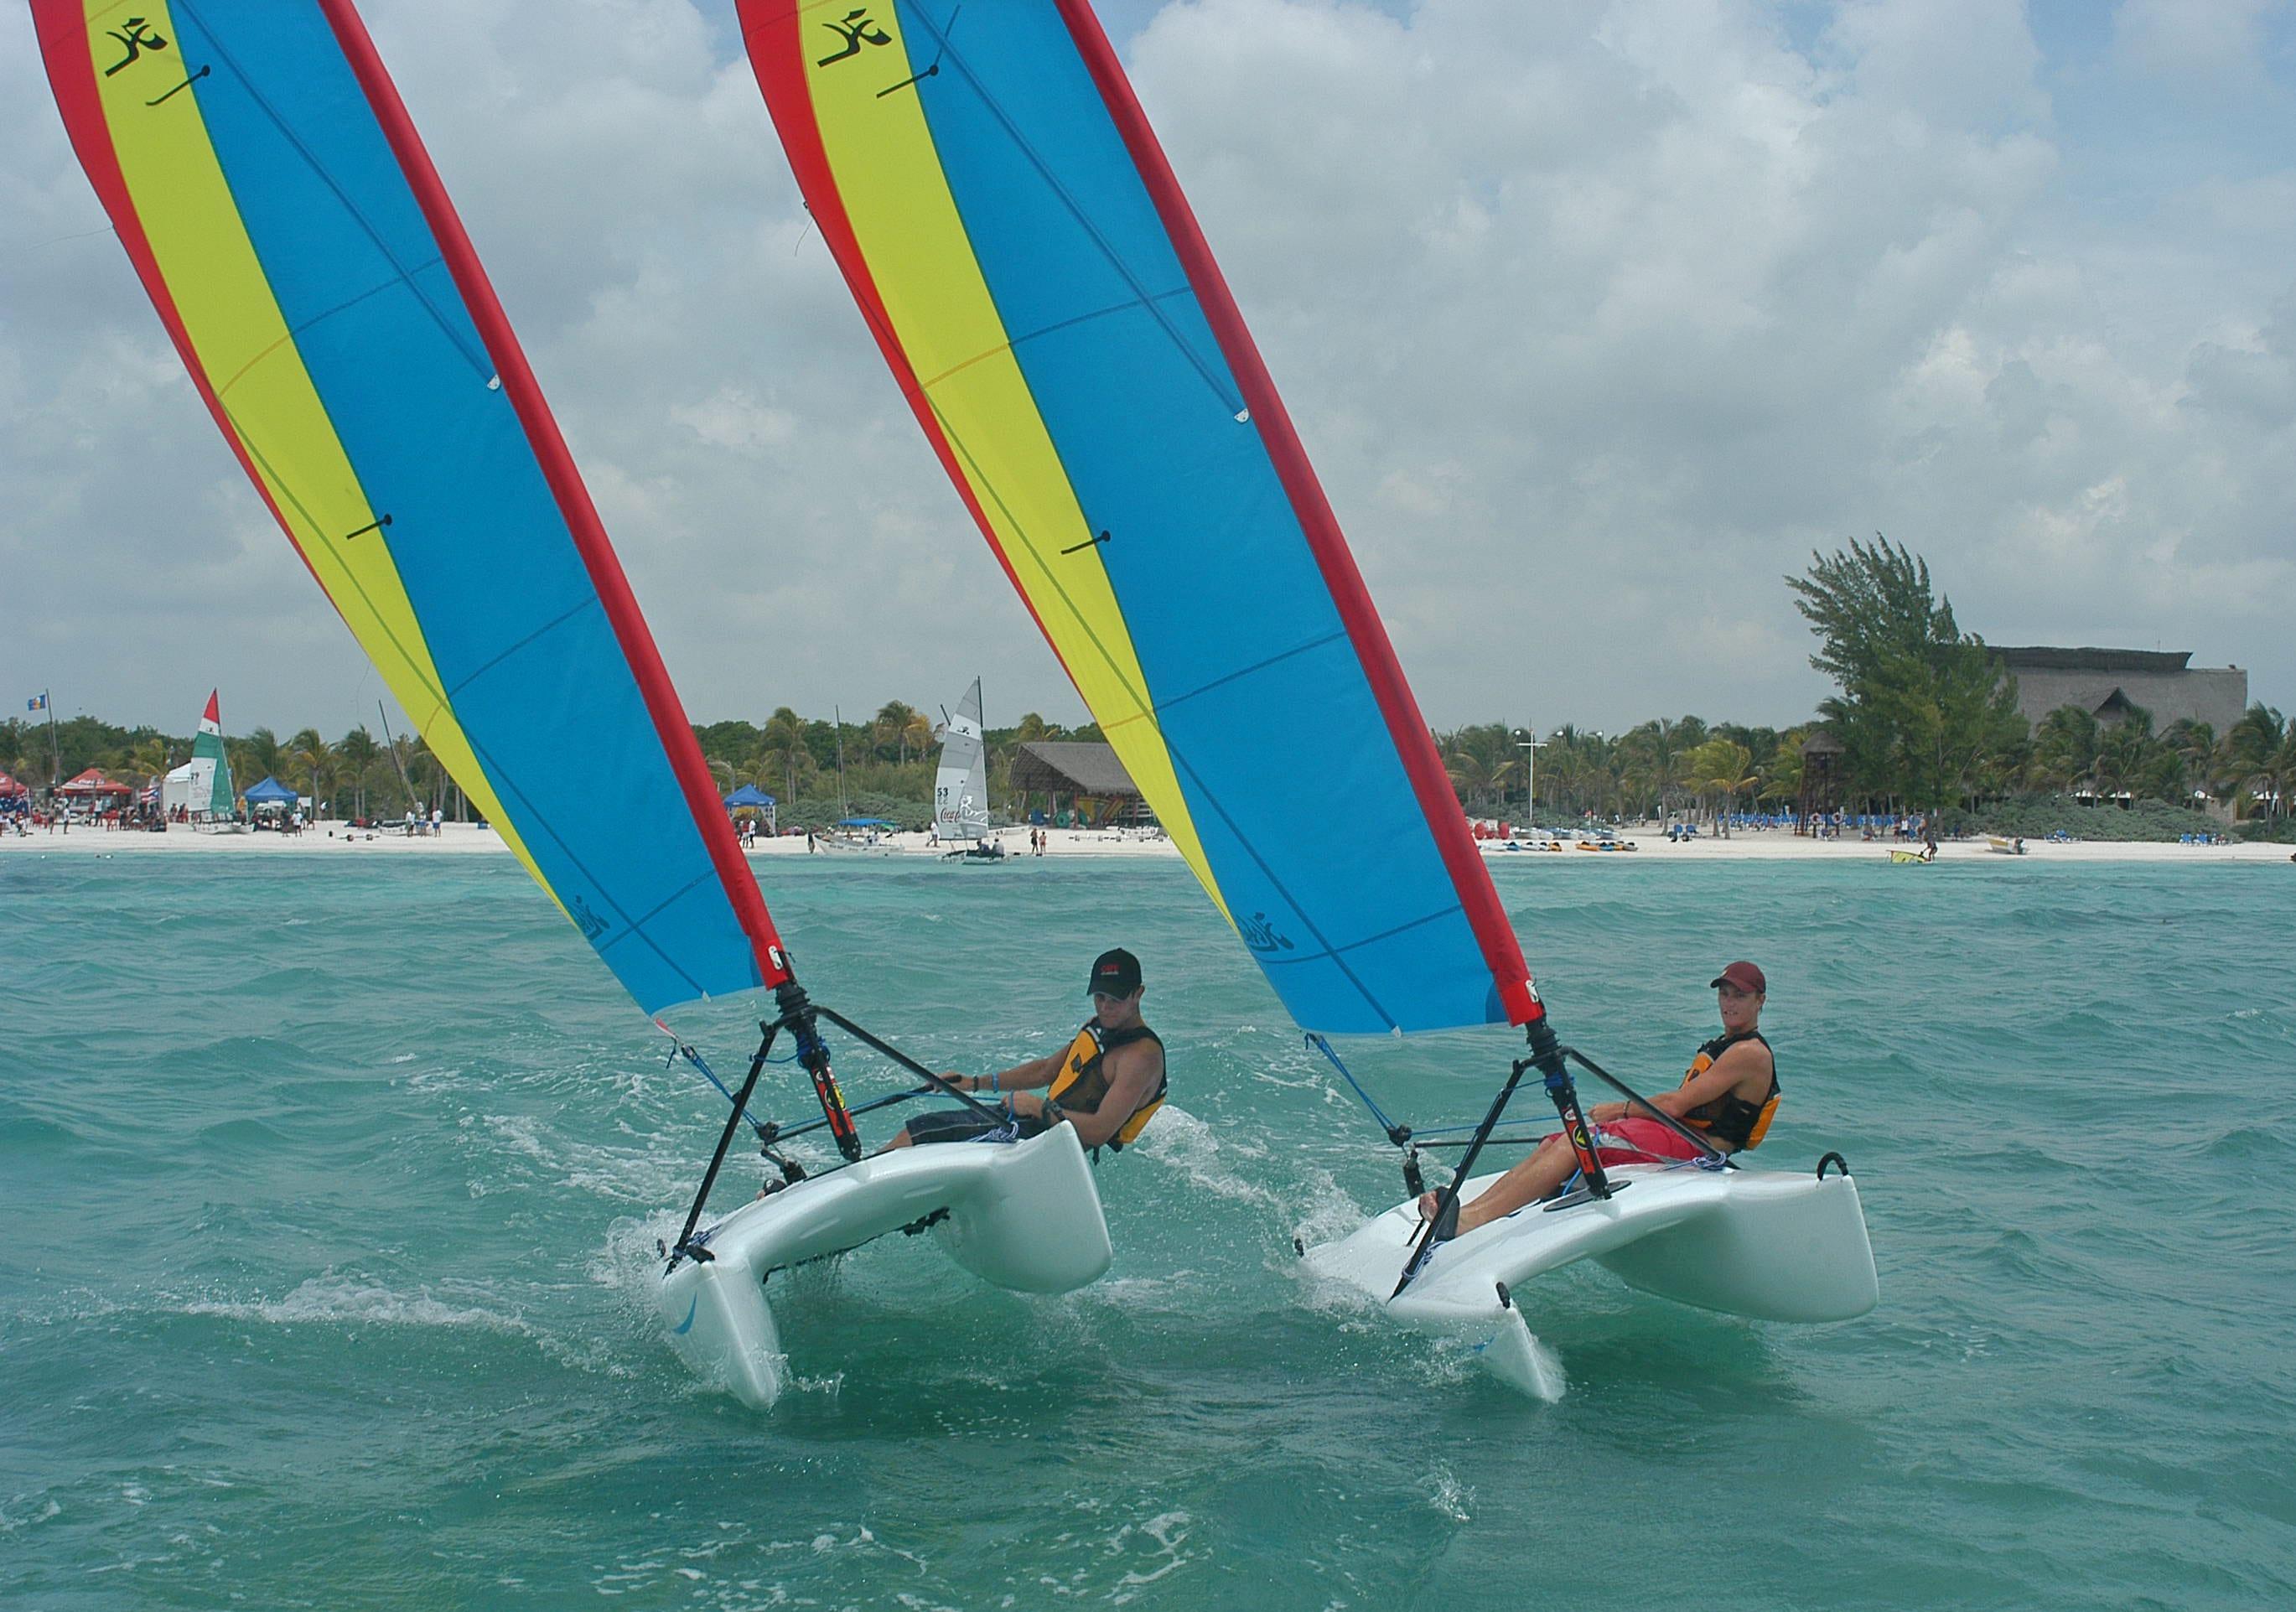 Used Sailboats For Sale >> Hobie Bravo - Hobie Centre